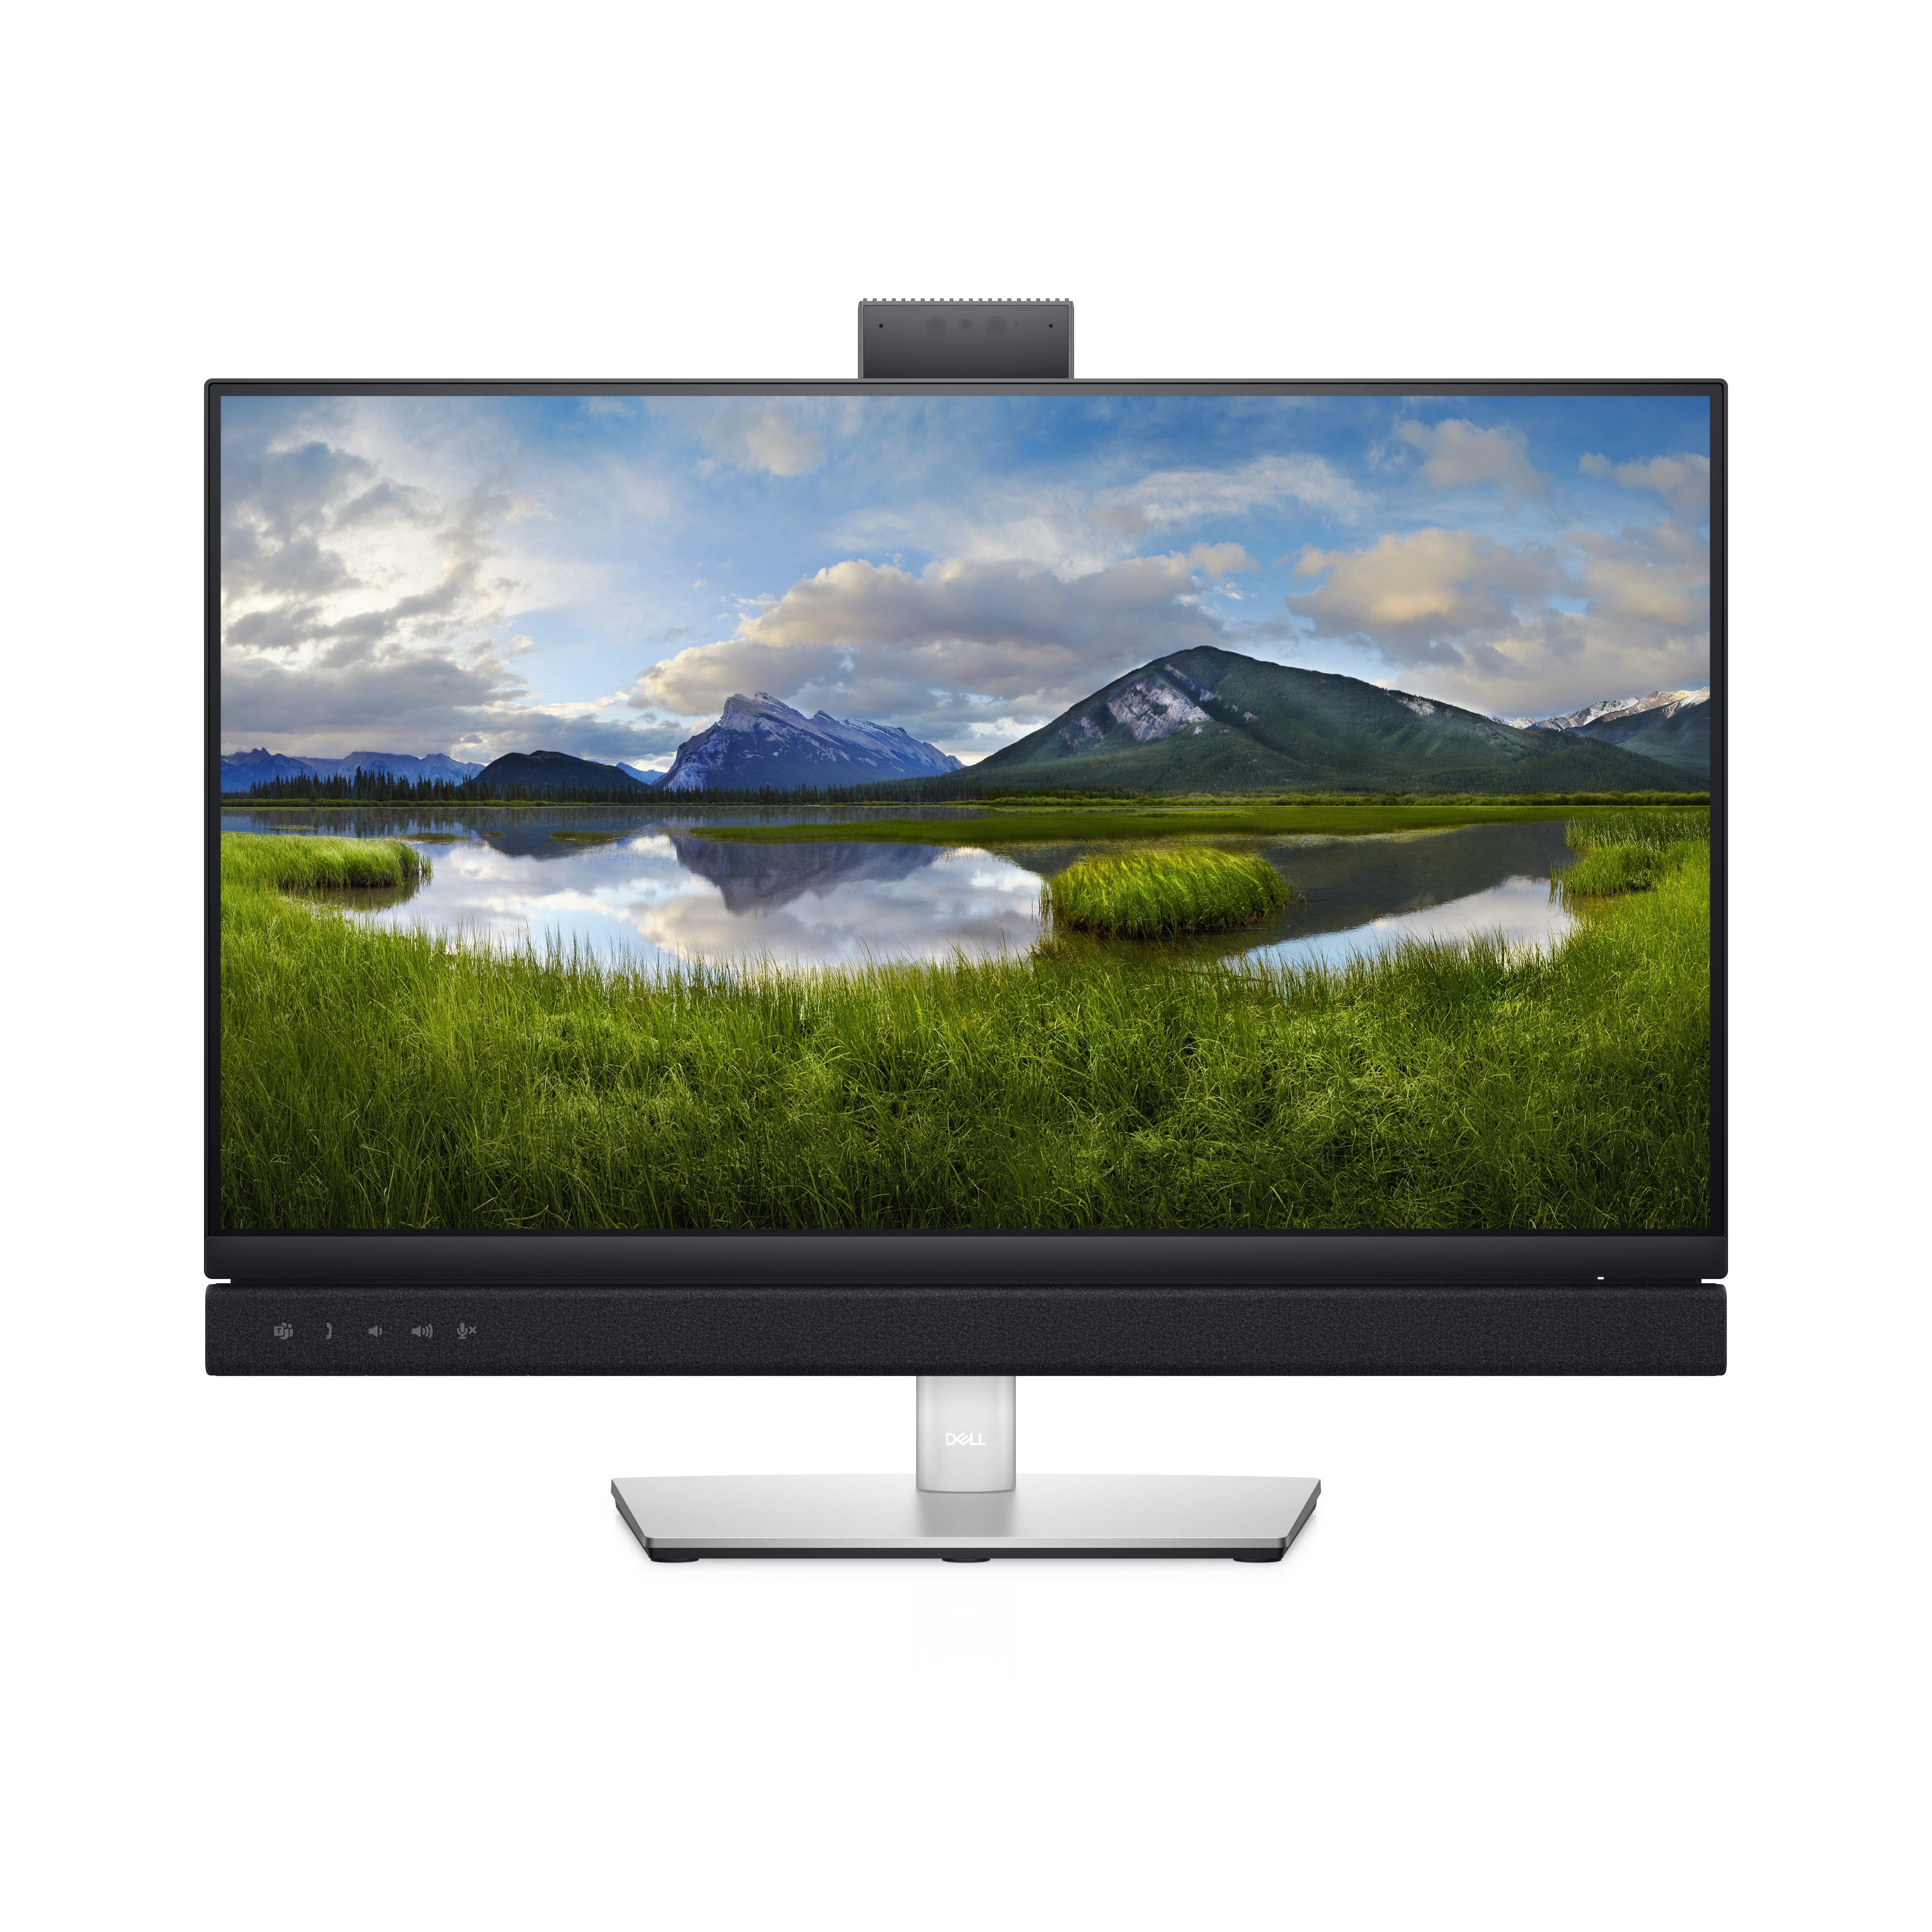 """DELL C2422HE 60,5 cm (23.8"""") 1920 x 1080 Pixels Full HD LCD Zwart, Zilver"""